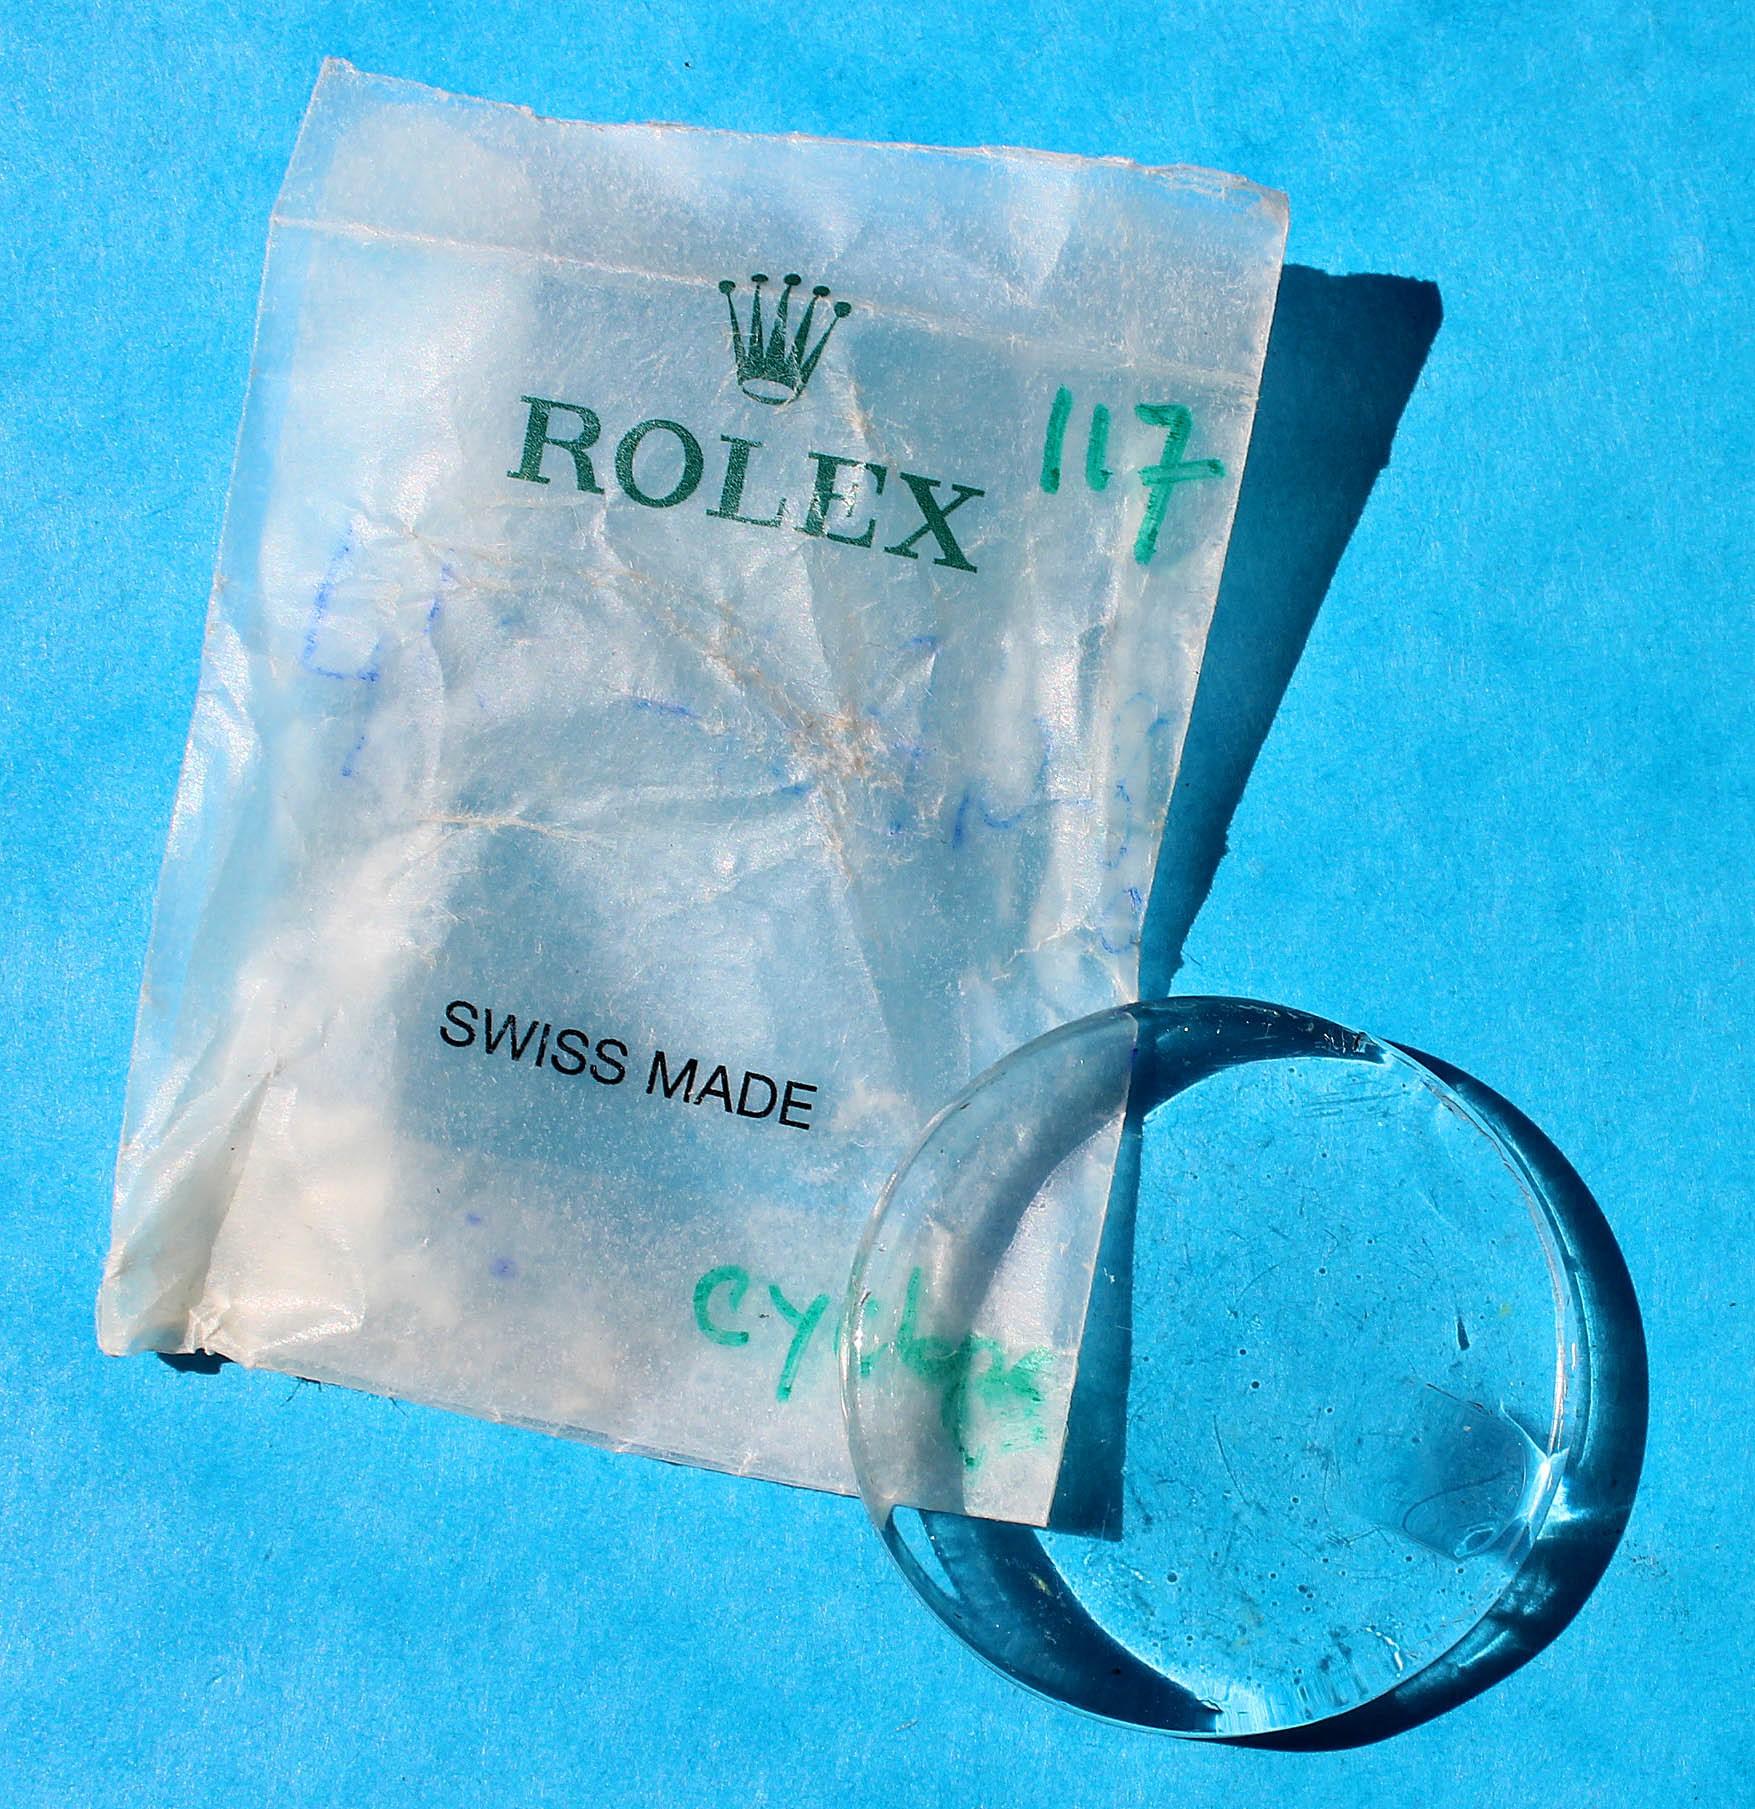 ROLEX CYCLOPE 117 PLEXIGLAS VERRE ACRYLIQUE MONTRES 1500-1514, 1550, 1625, 5700, 5701, 6535, 6537, 6602, 6609, 6646